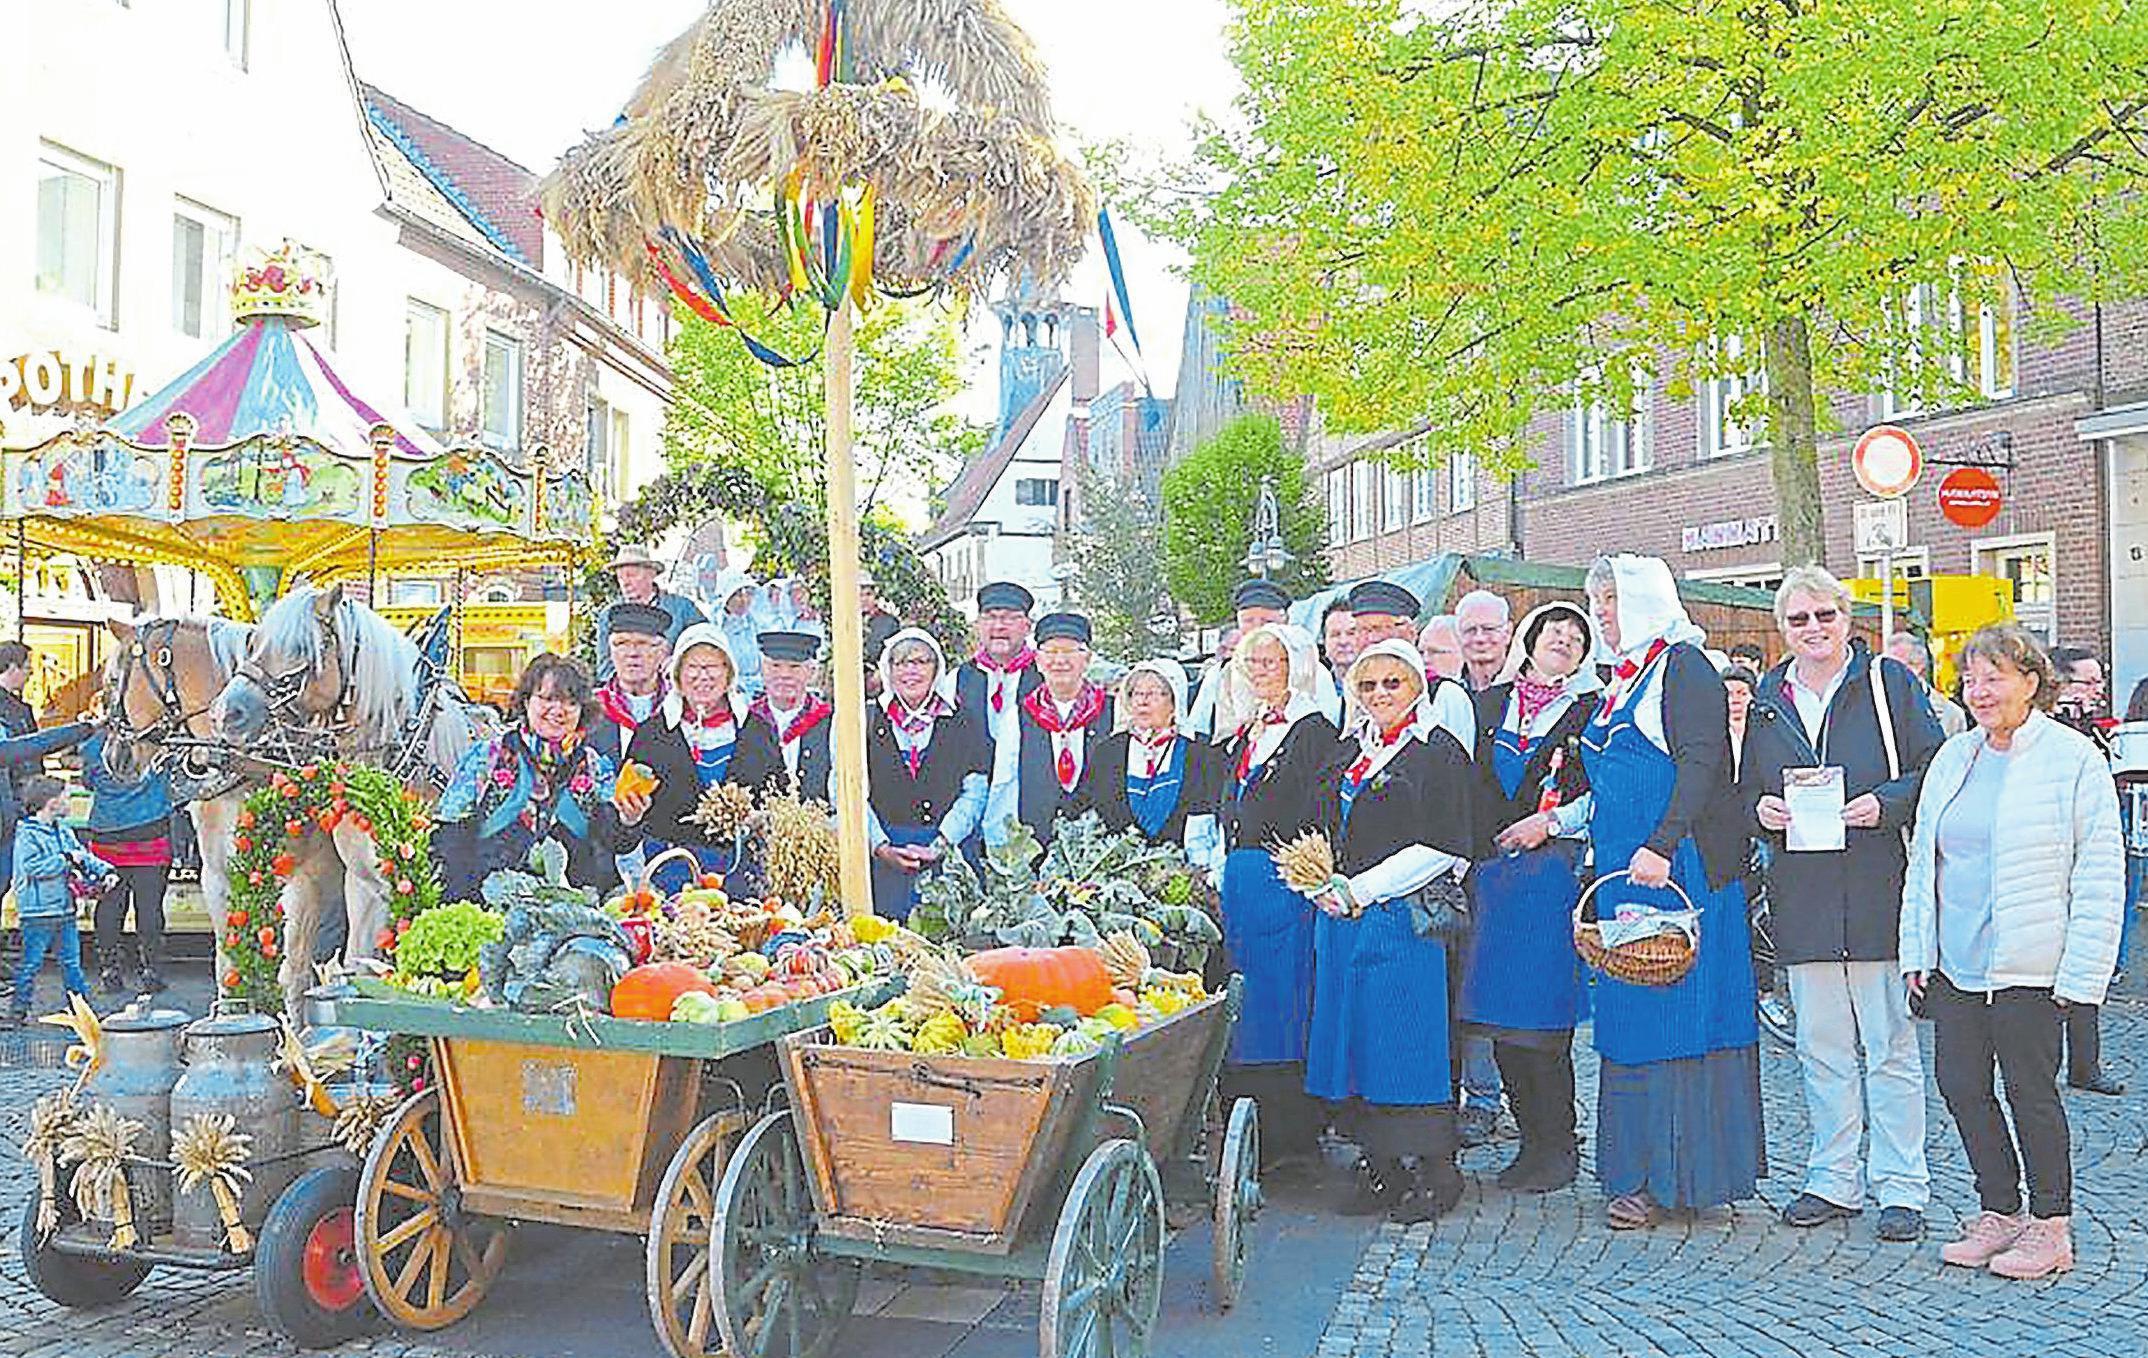 Die Kötterfamilie aus der Friedenau präsentiert unter der Erntekorne ihre historischen Trachten. Foto: Rainer Nix